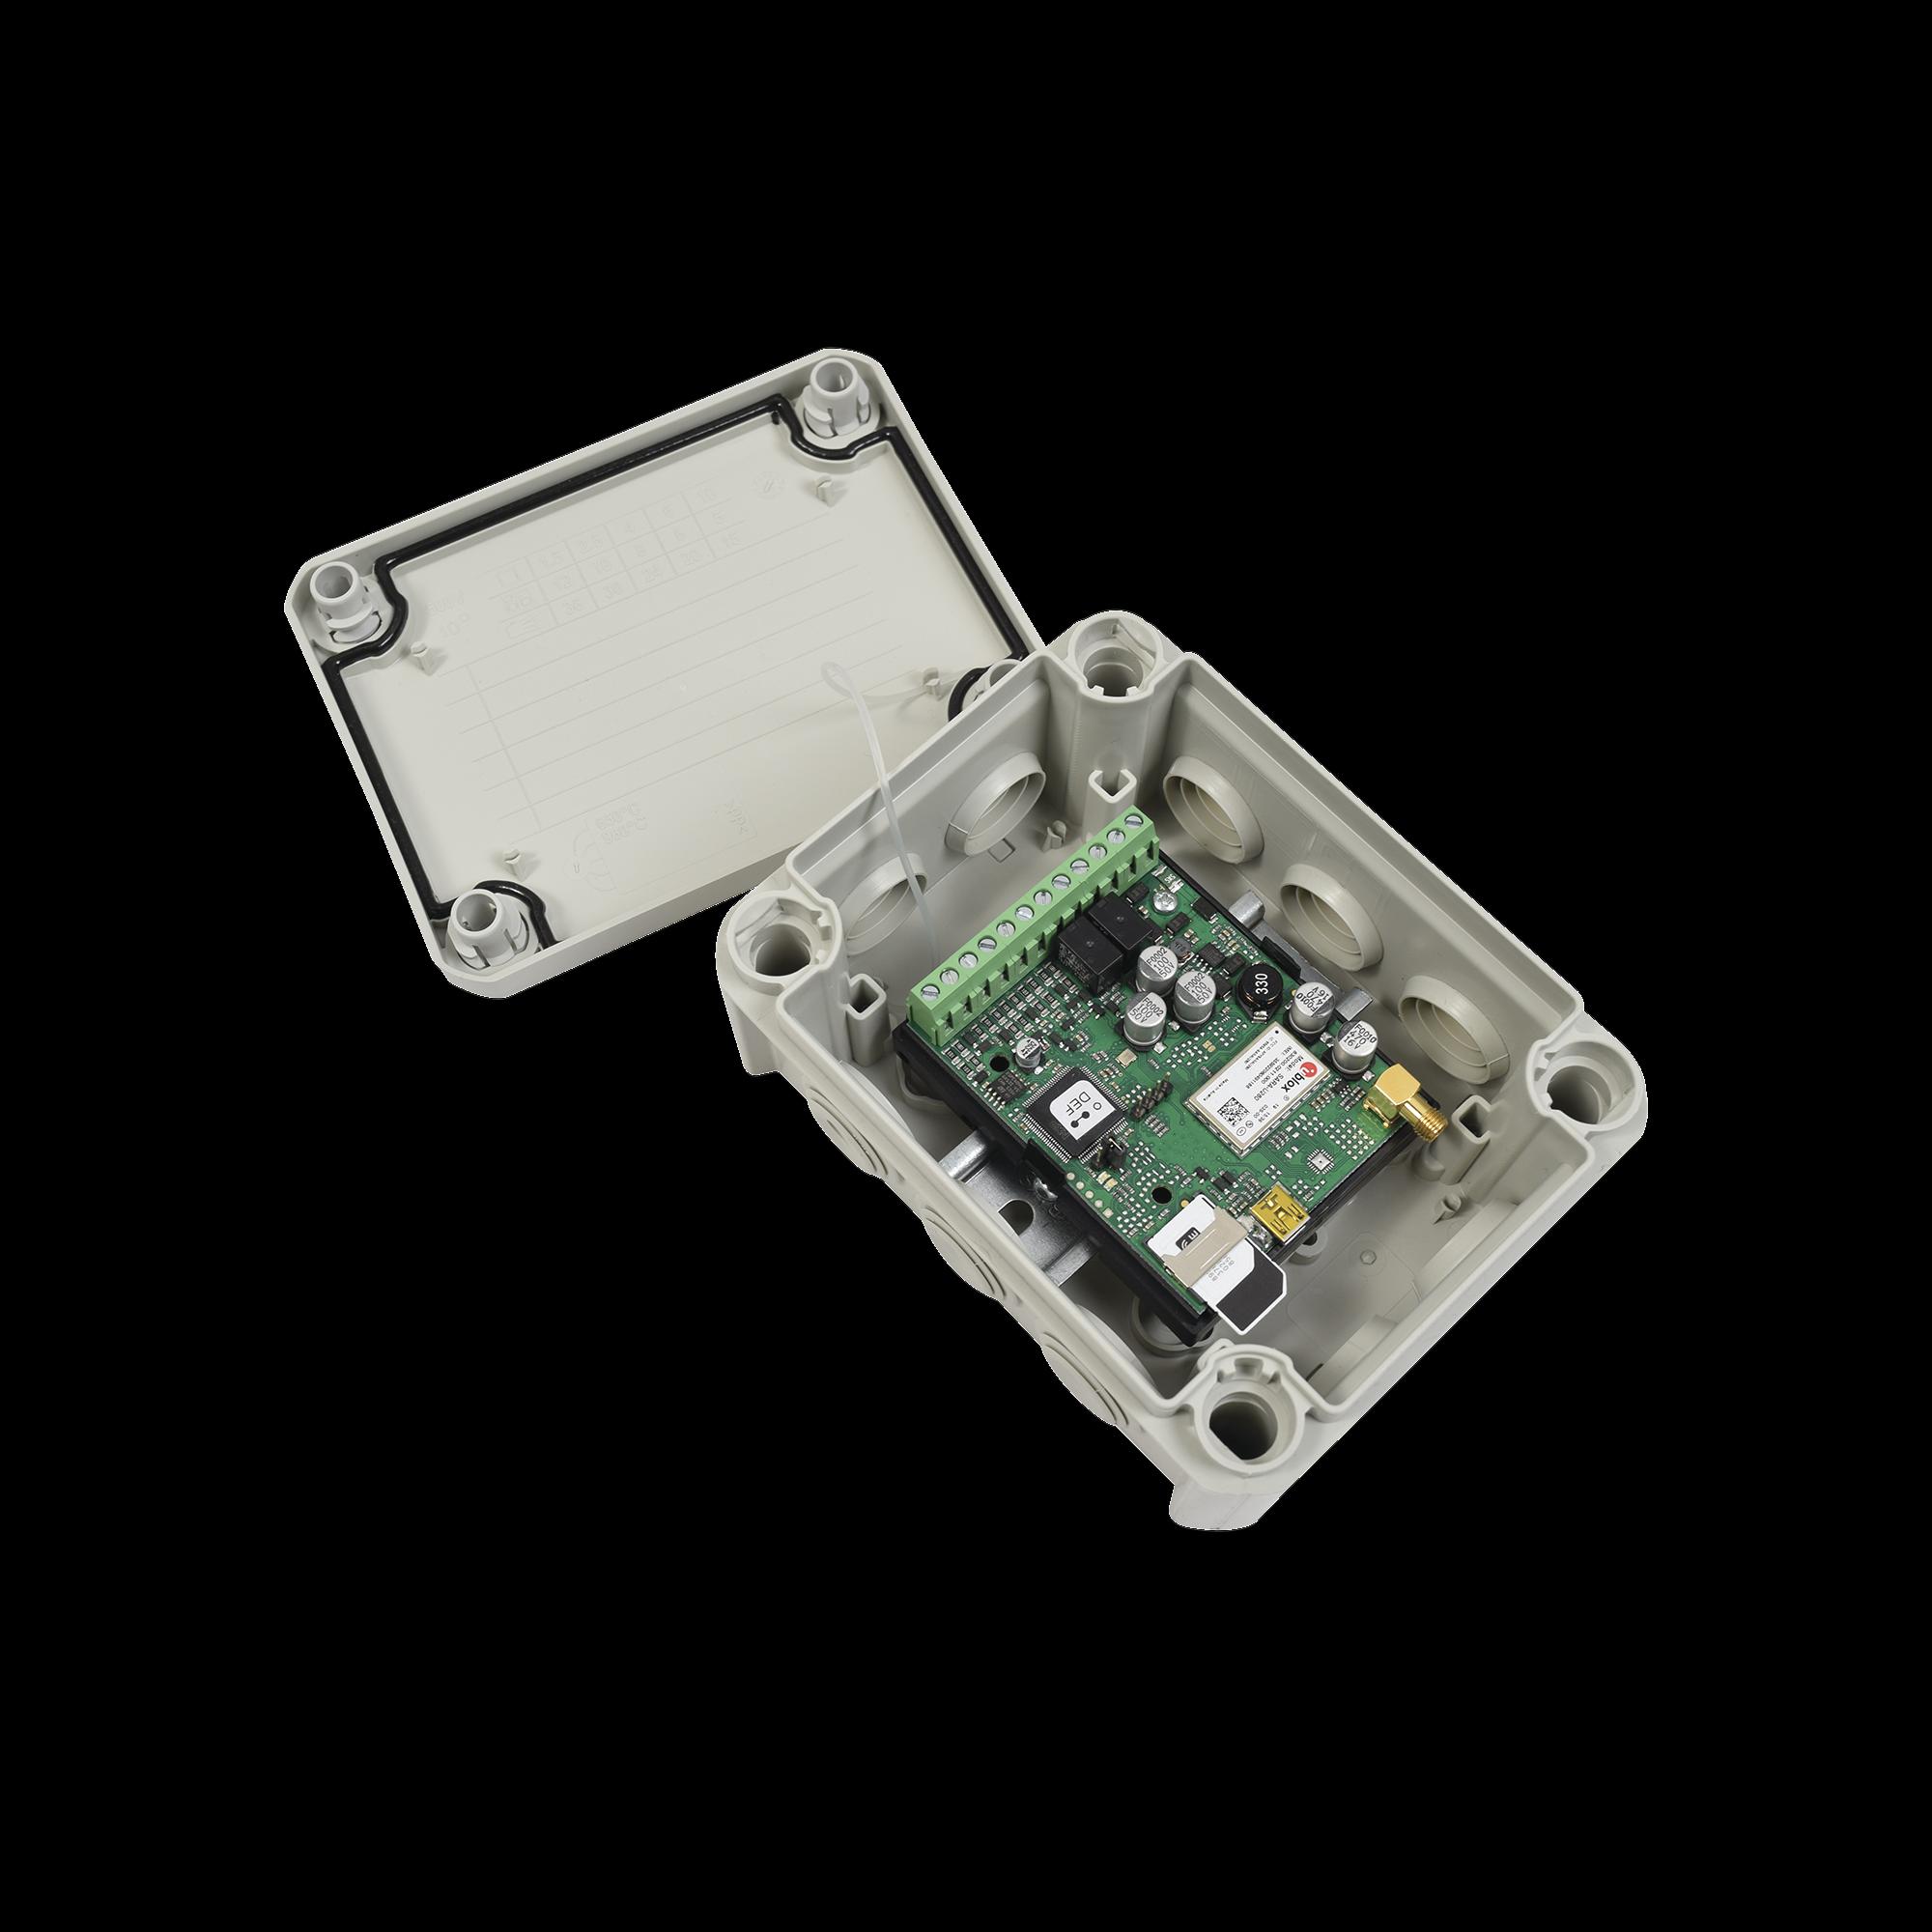 Controlador remoto 3G / Activación por medio de CELULAR (APP o LLAMADA) / Marcador / Caja Nema IP67 / 2000 Usuarios